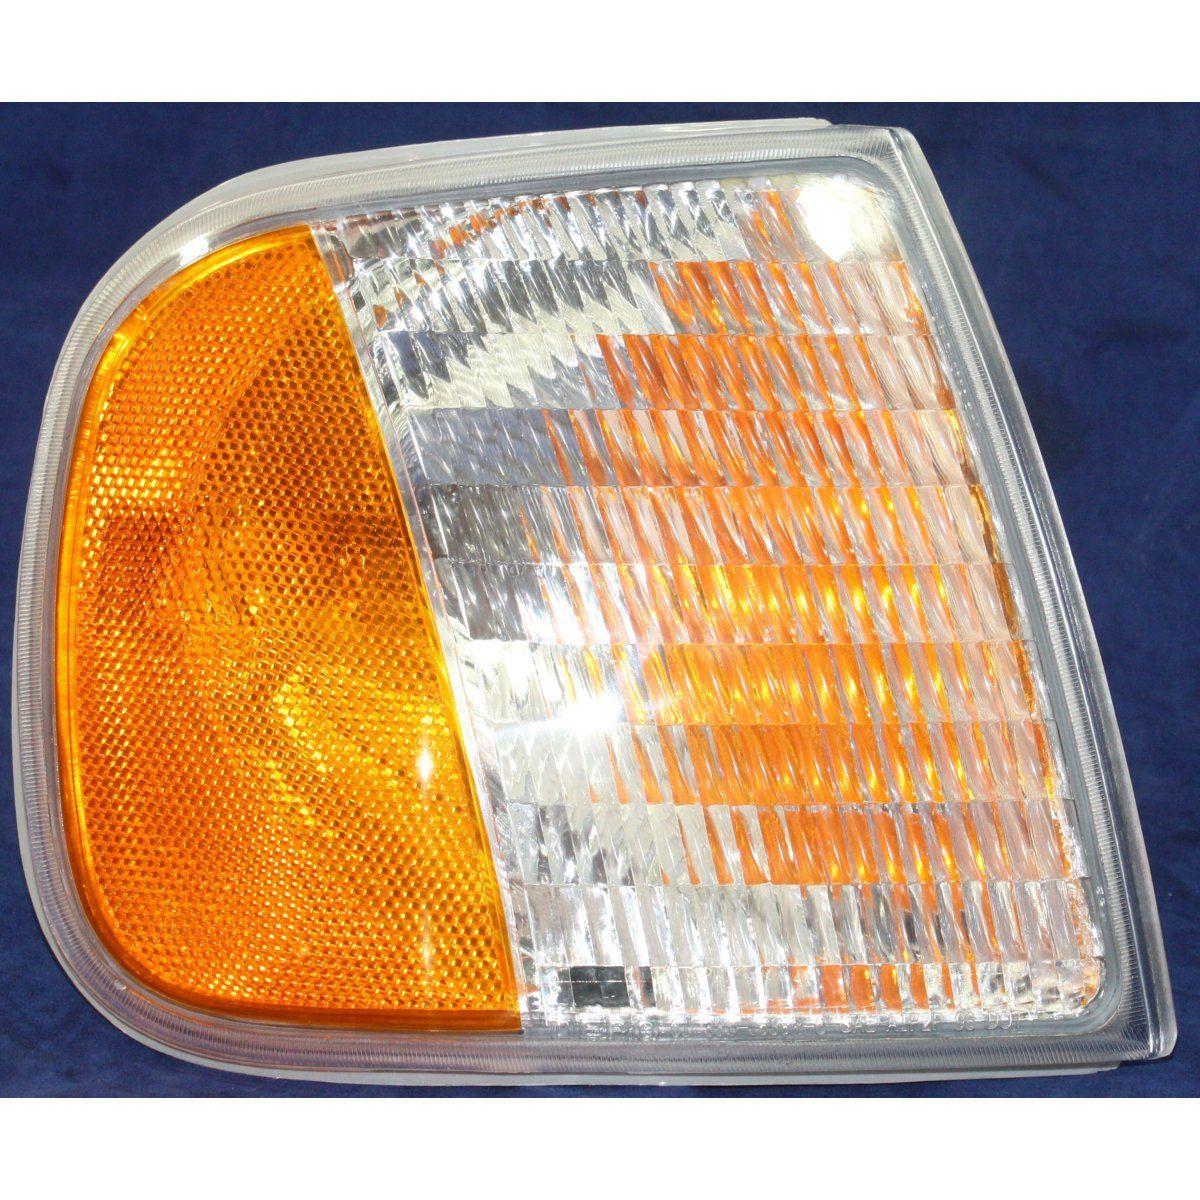 コーナーライト Corner Light For 97-2003 Ford F-150 97-99 F-250 Passenger Side Incandescent CAPA コーナーライトfor 97-2003 Ford F-150 97-99 F-250 Passenger Side白熱CAPA